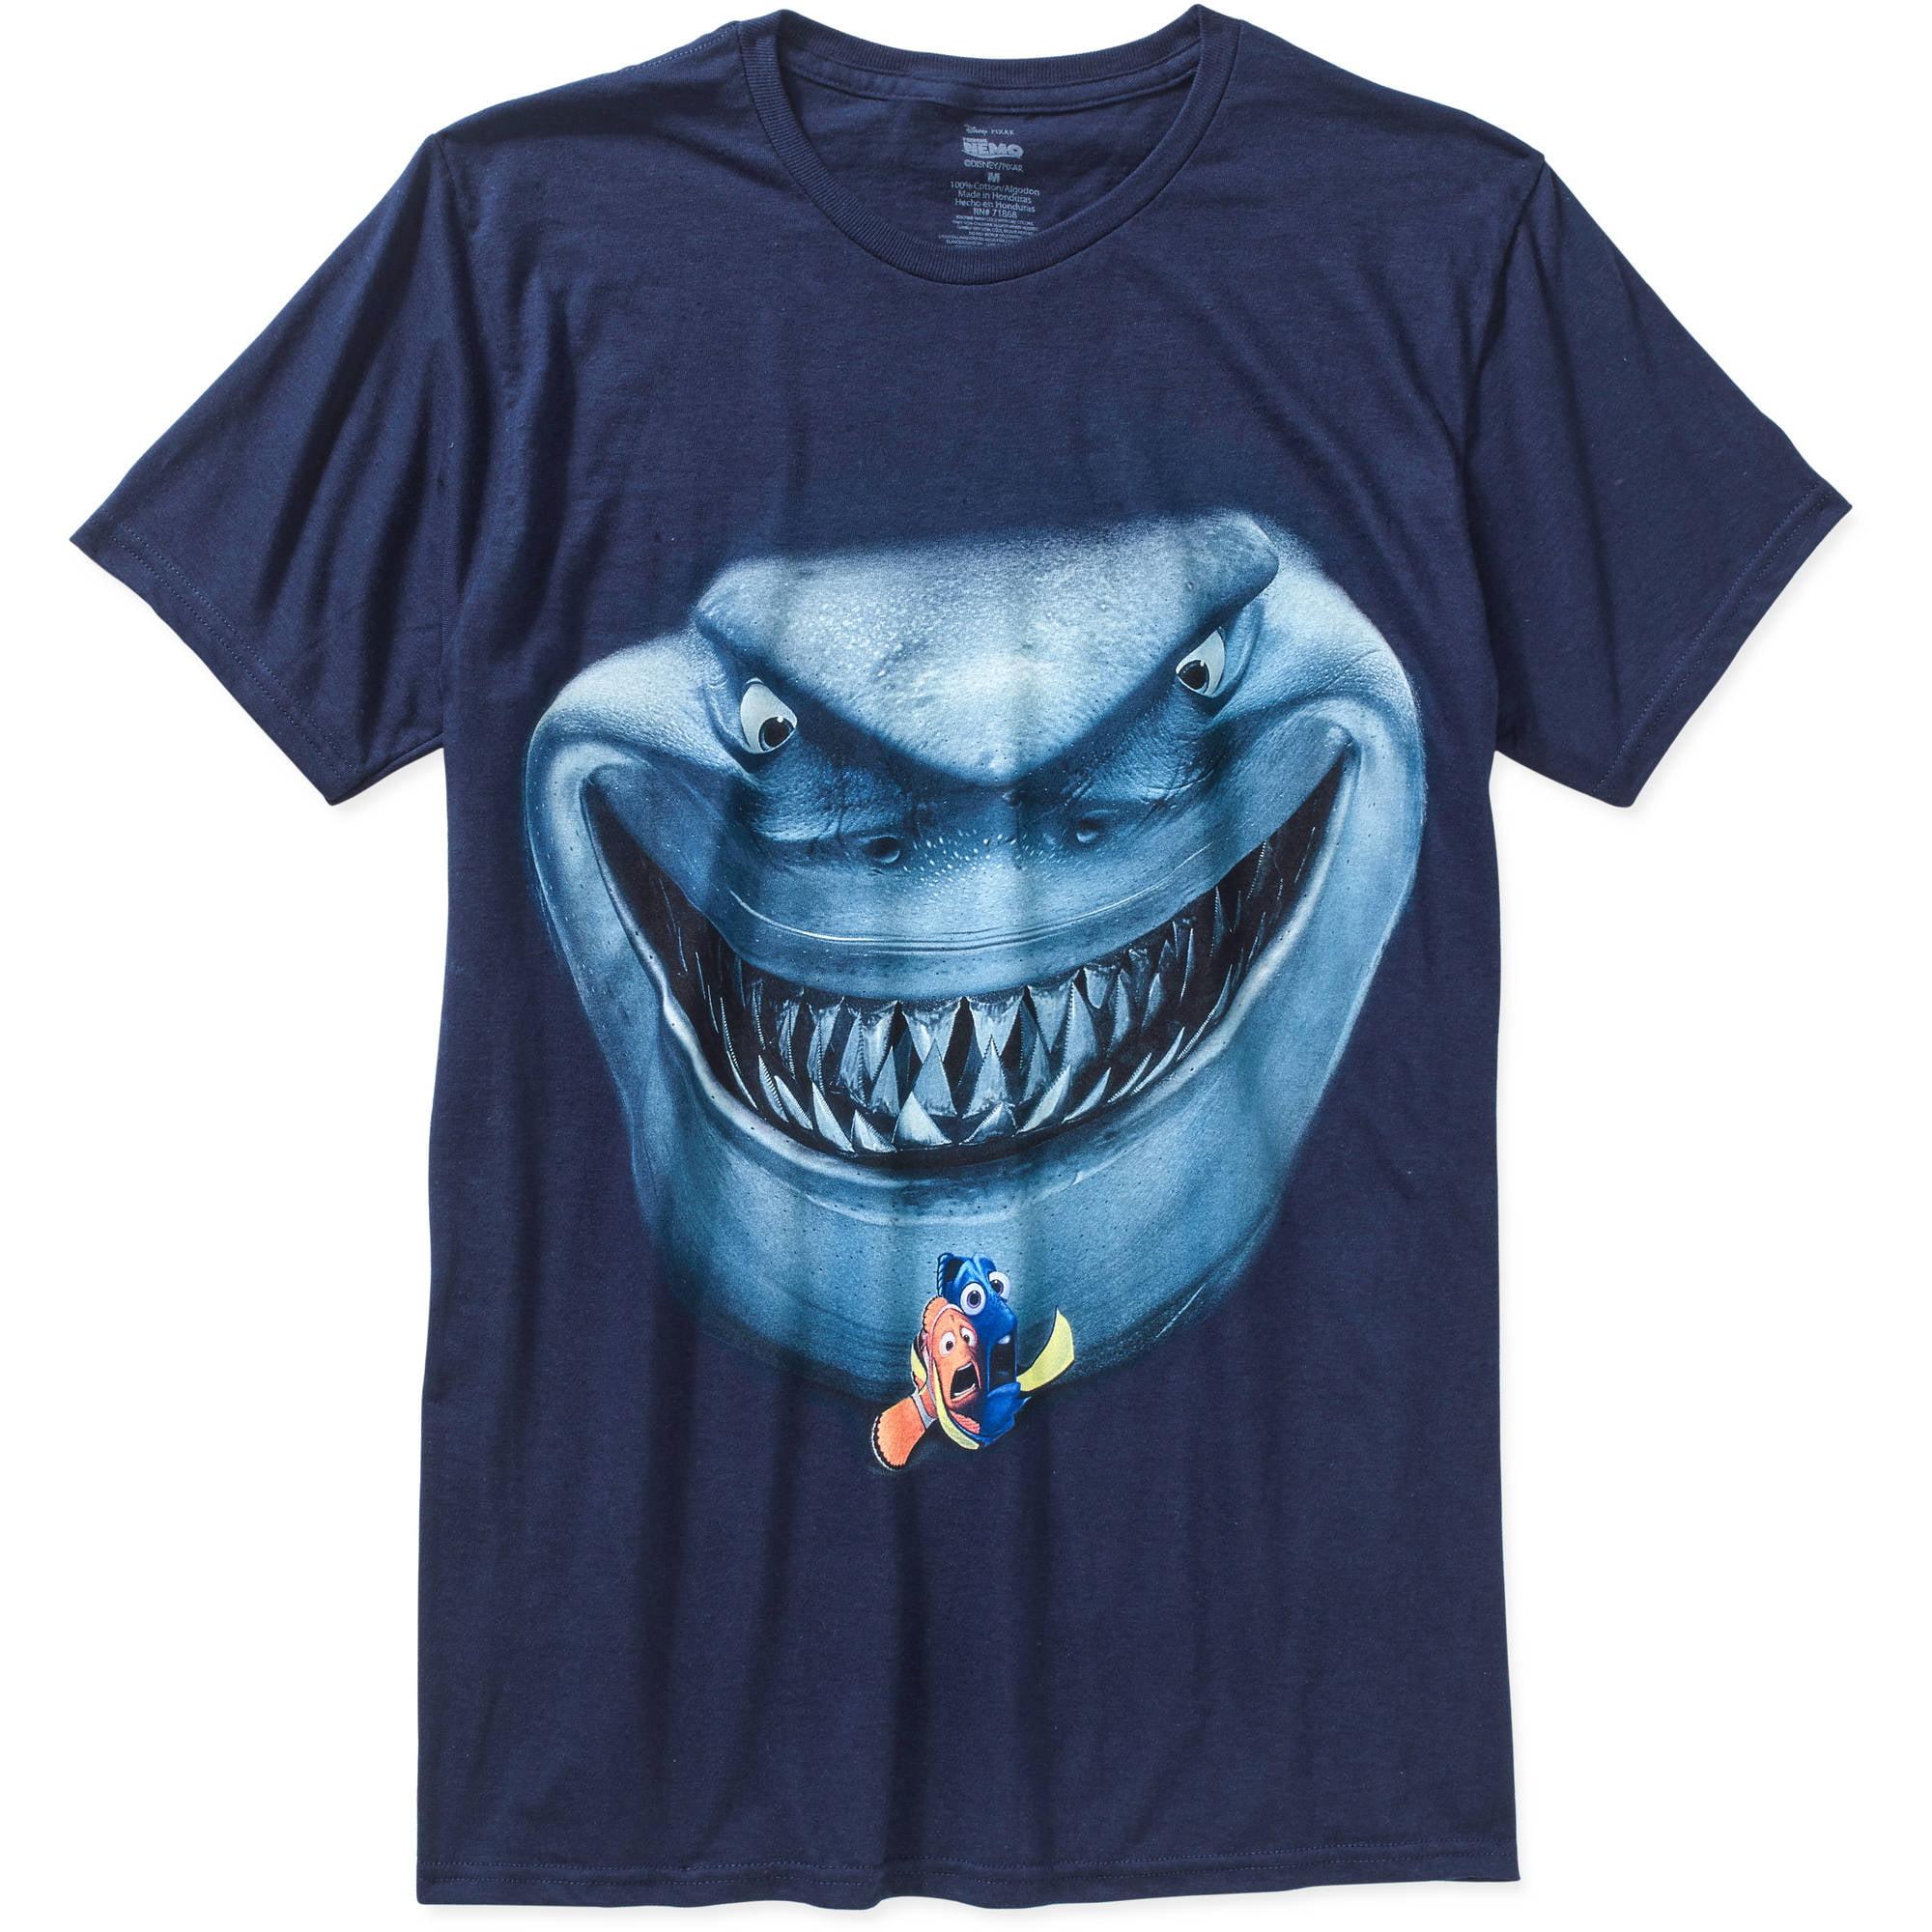 Finding Nemo Shark Men's Graphic Tee